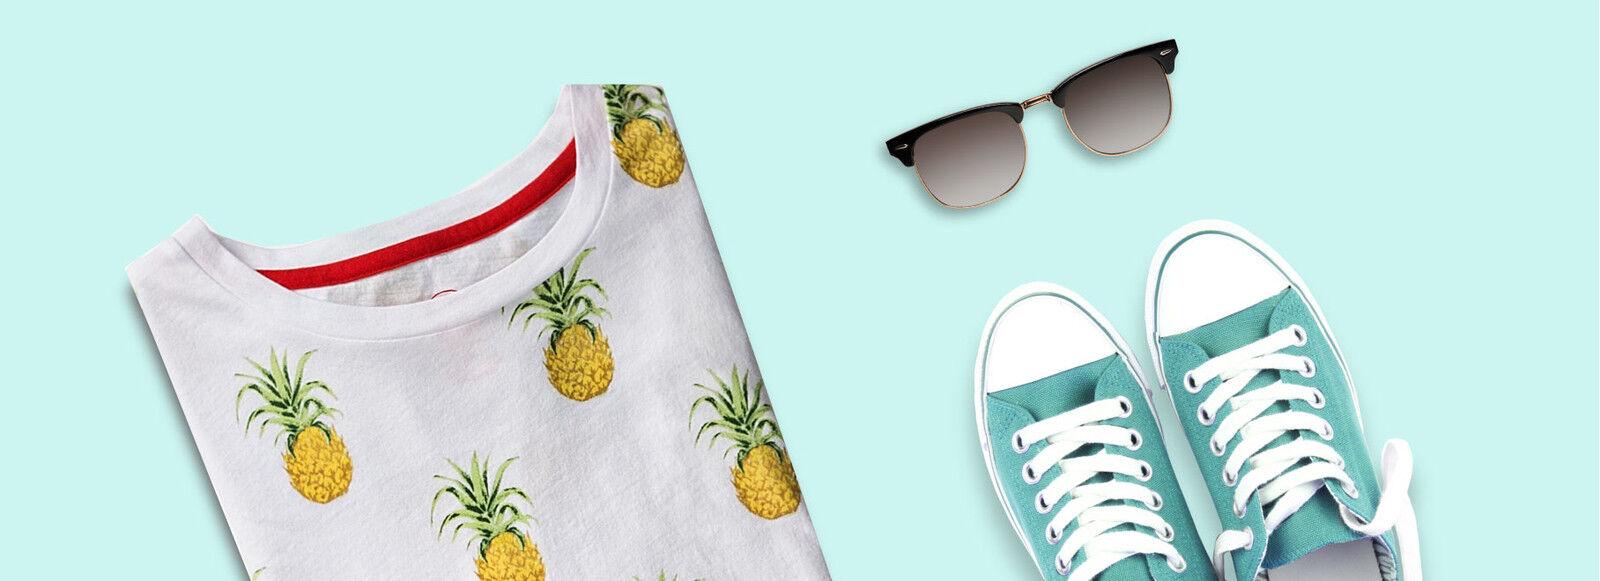 Trouvez votre look de l'été